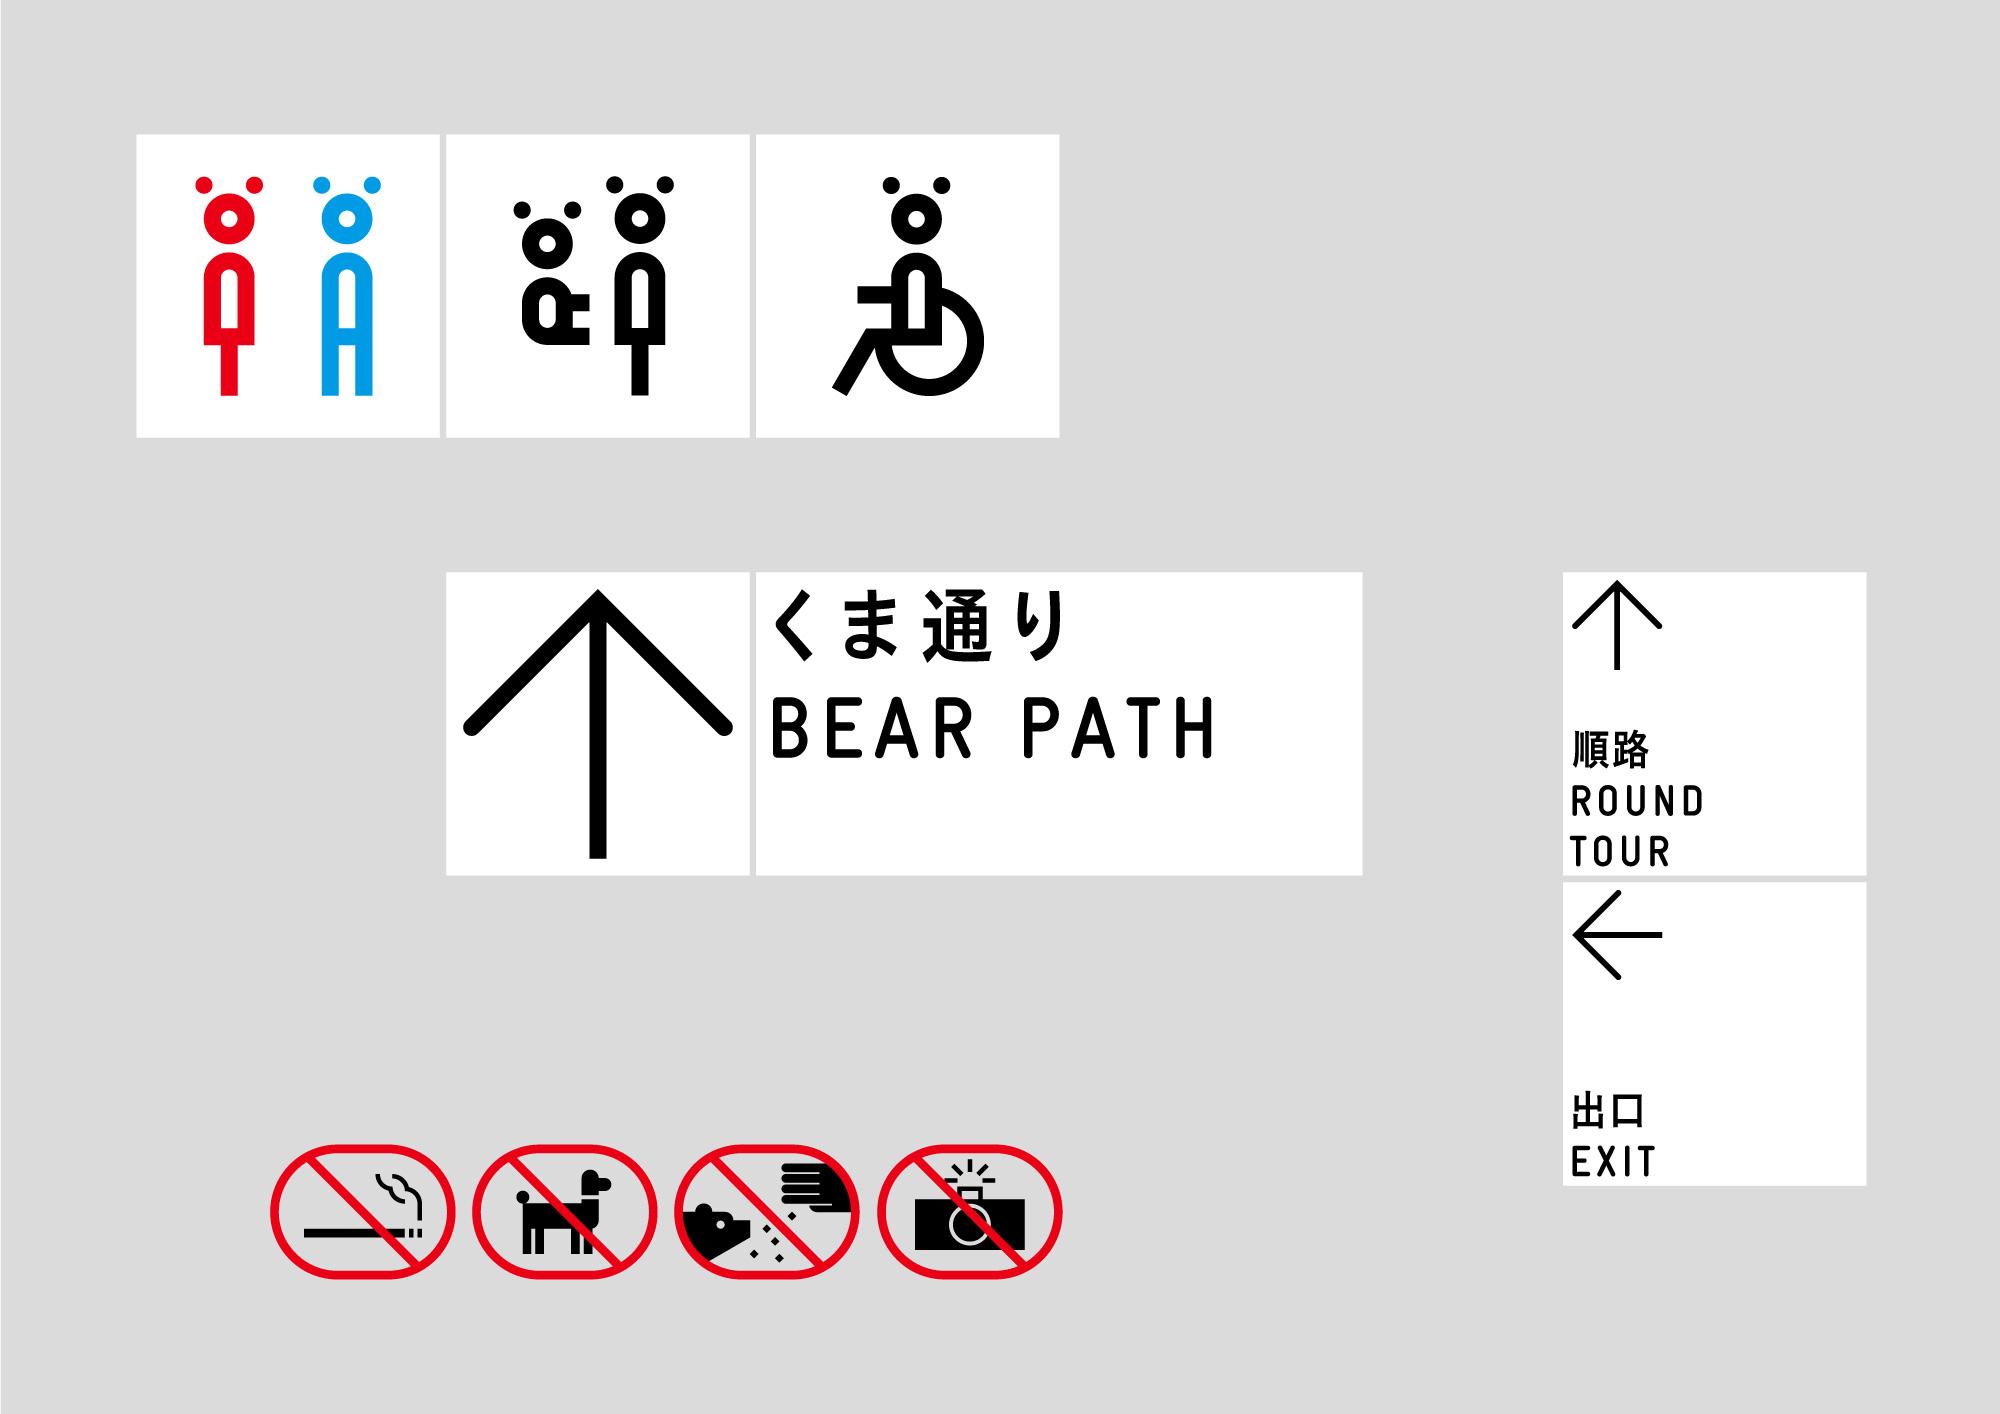 棕熊屋标识系统设计©thesimplesociety